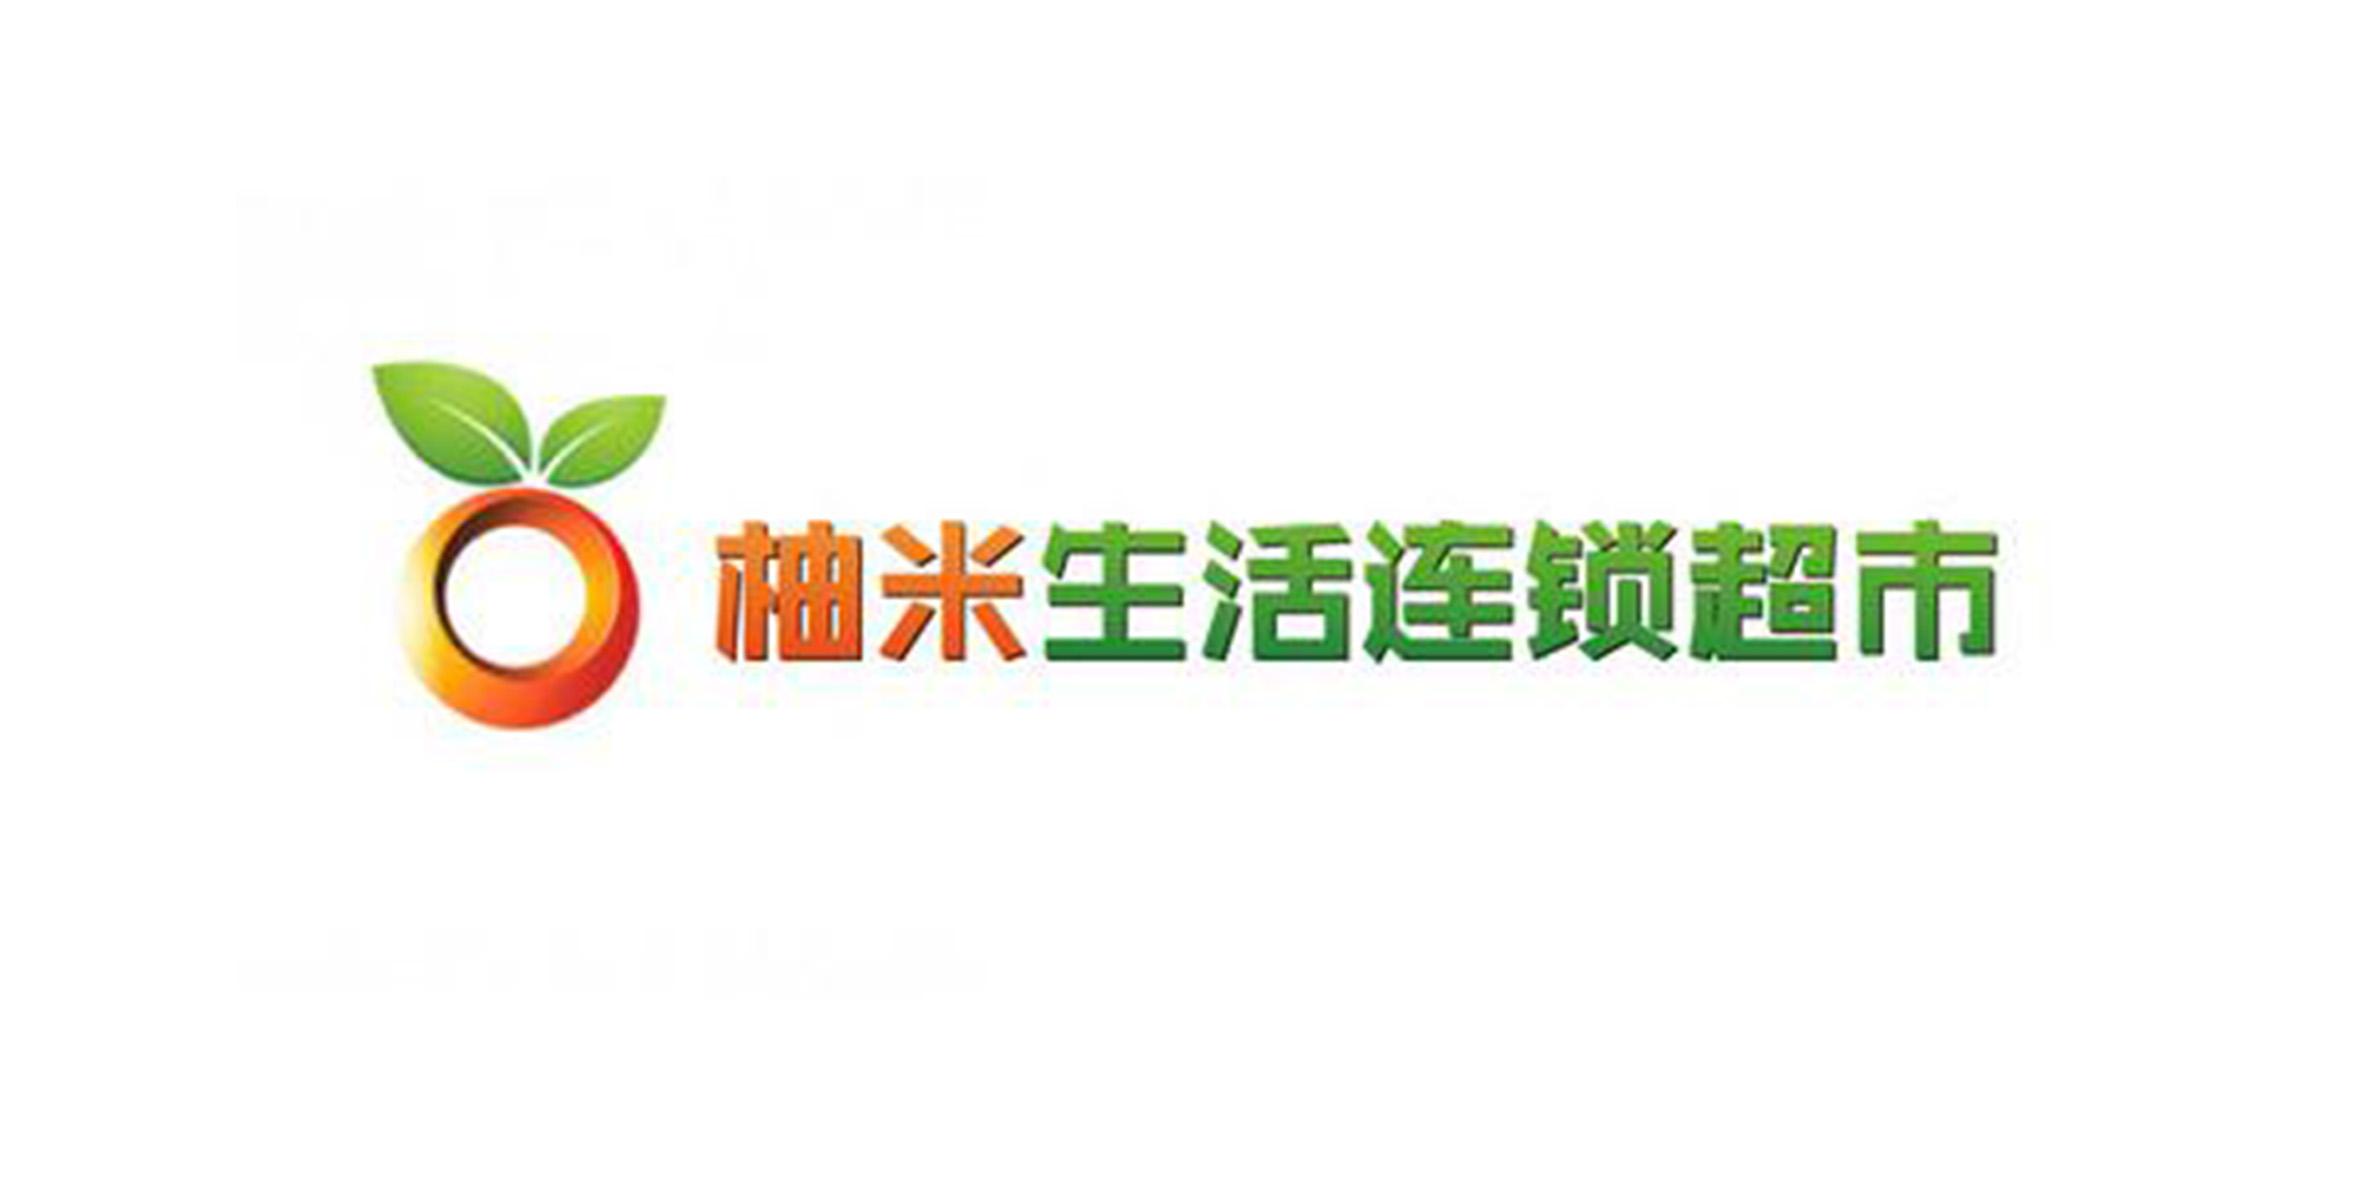 万博X手机下载形象墙万博官网manbetx登陆app平台